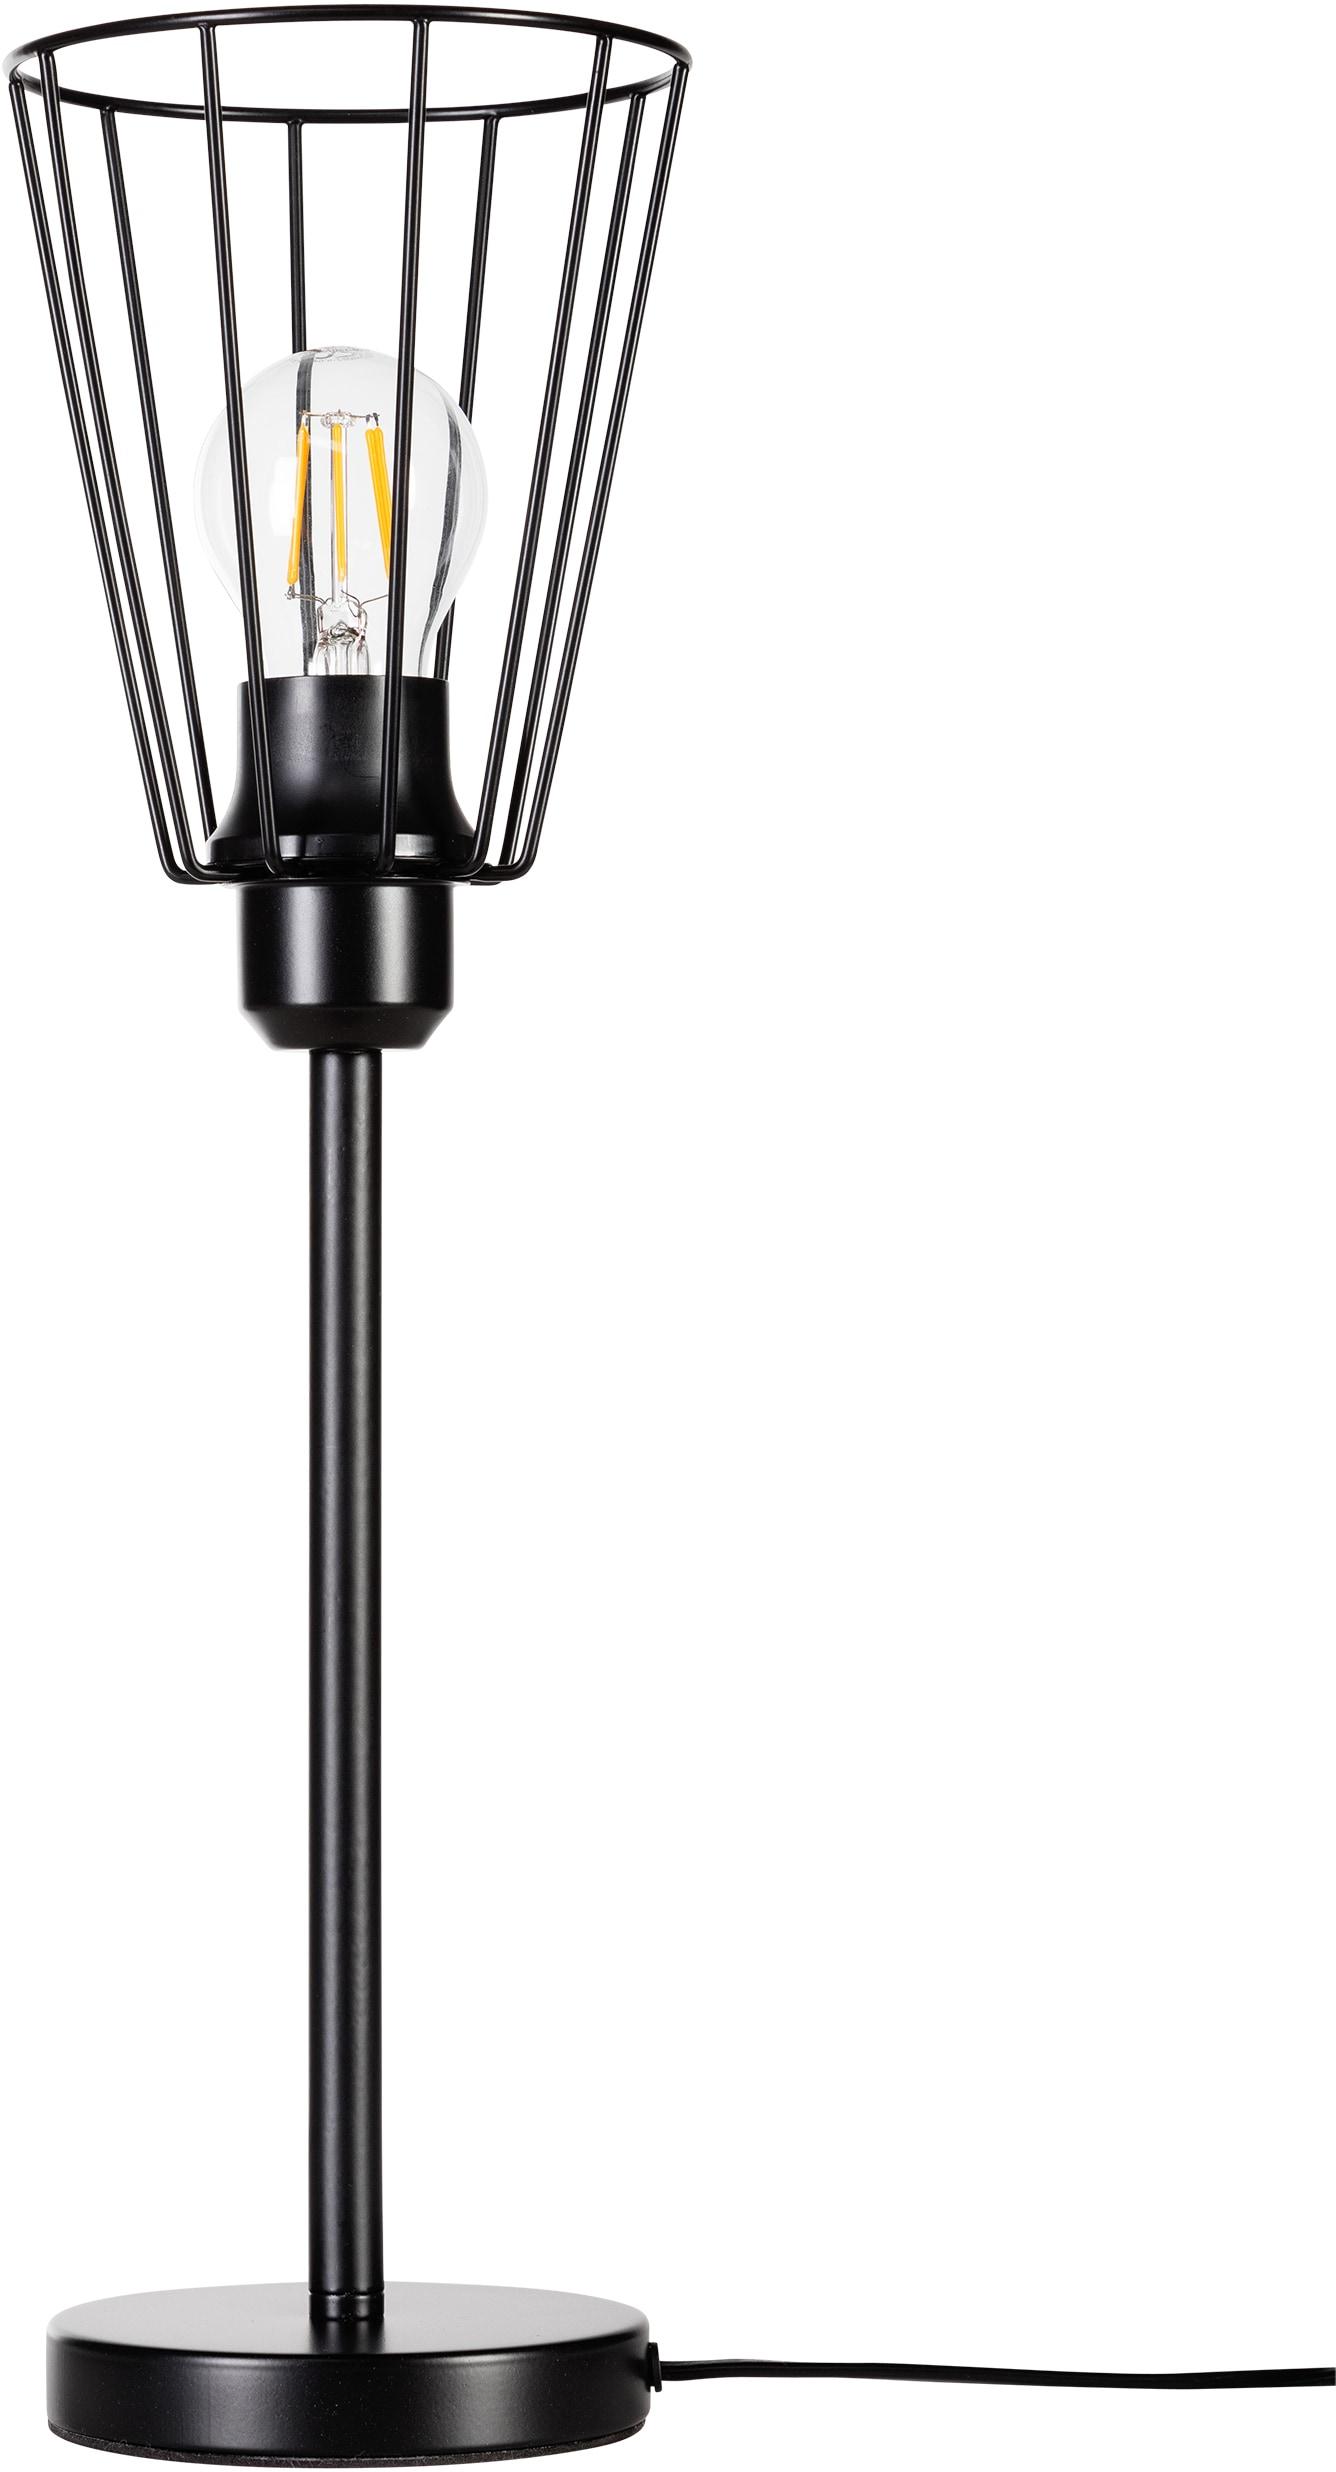 BRITOP LIGHTING Tischleuchte Swan, E27, 1 St., Dekorative Leuchte aus Metall, passende LM E27 / exklusive, Made in Europe